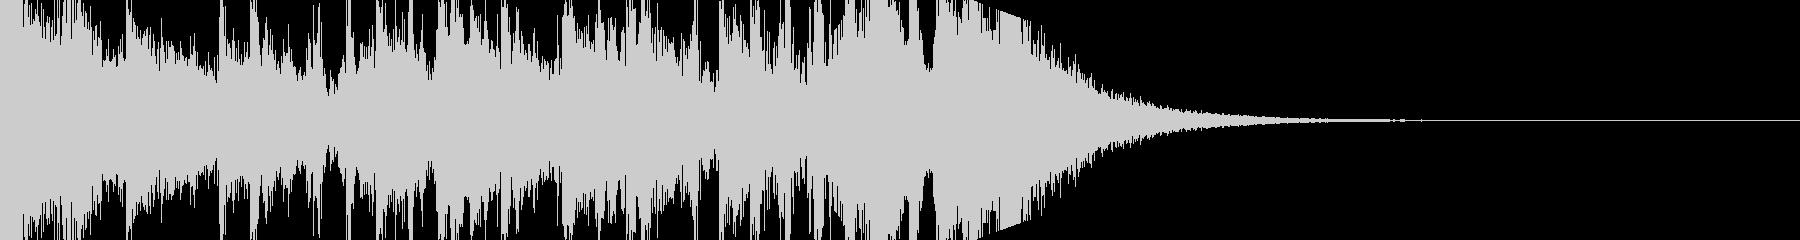 ロックなファンファーレ、ジングルの未再生の波形